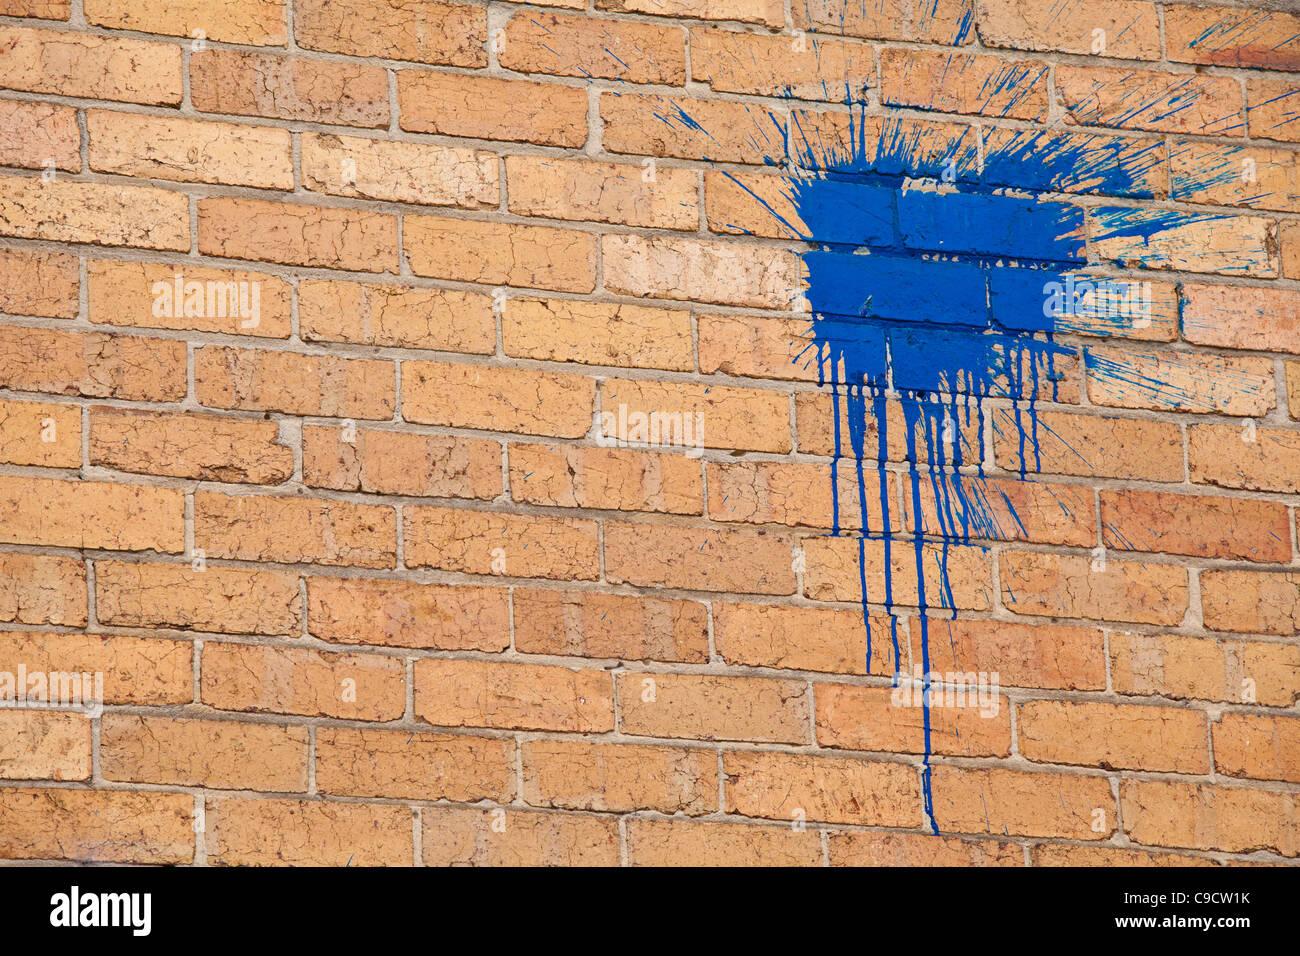 Blu brillante splat vernice graffiti su un muro di mattoni Immagini Stock